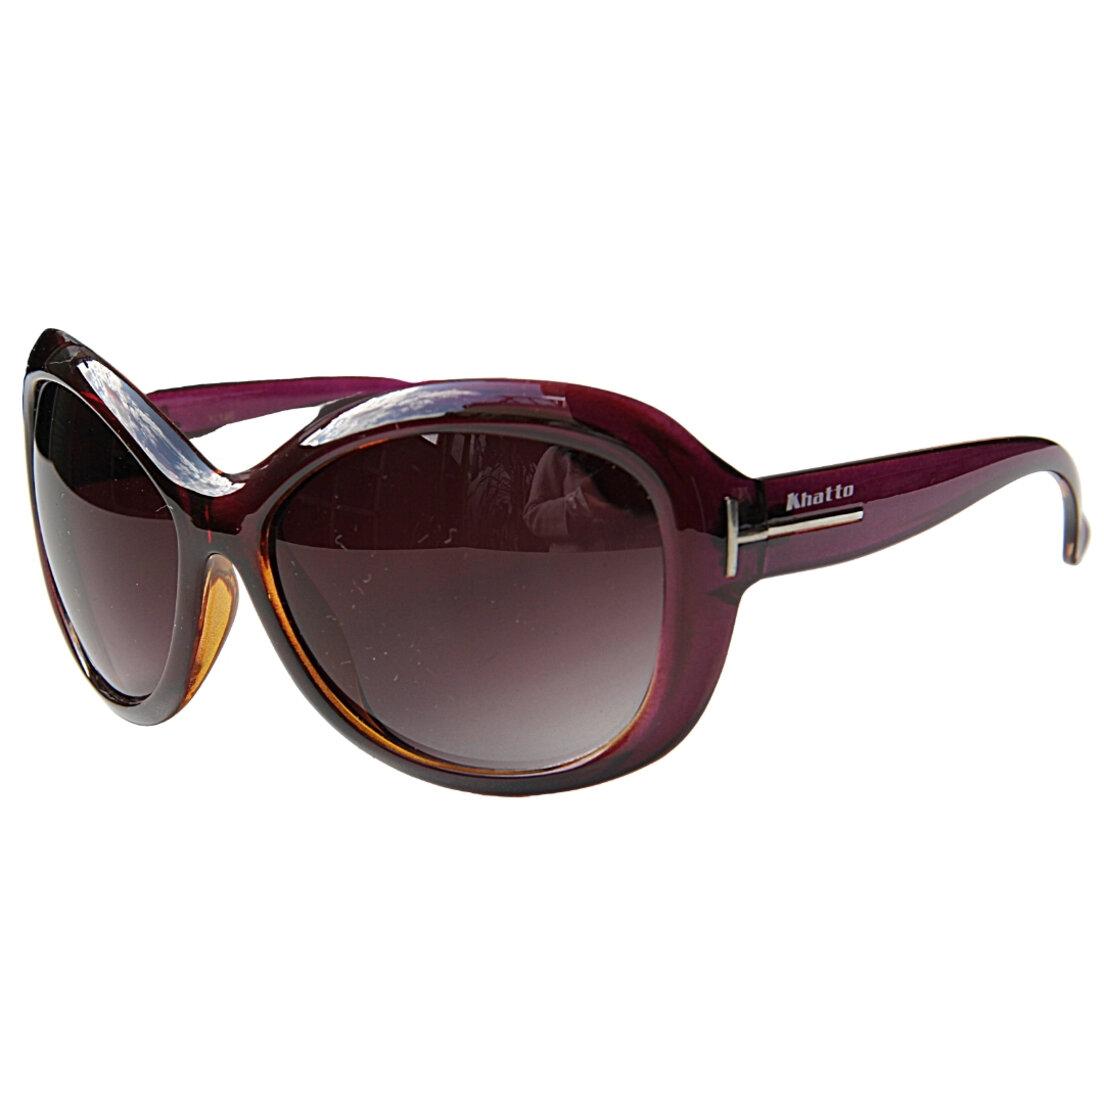 OUTLET - Óculos de Sol Khatto Woman Rebeca